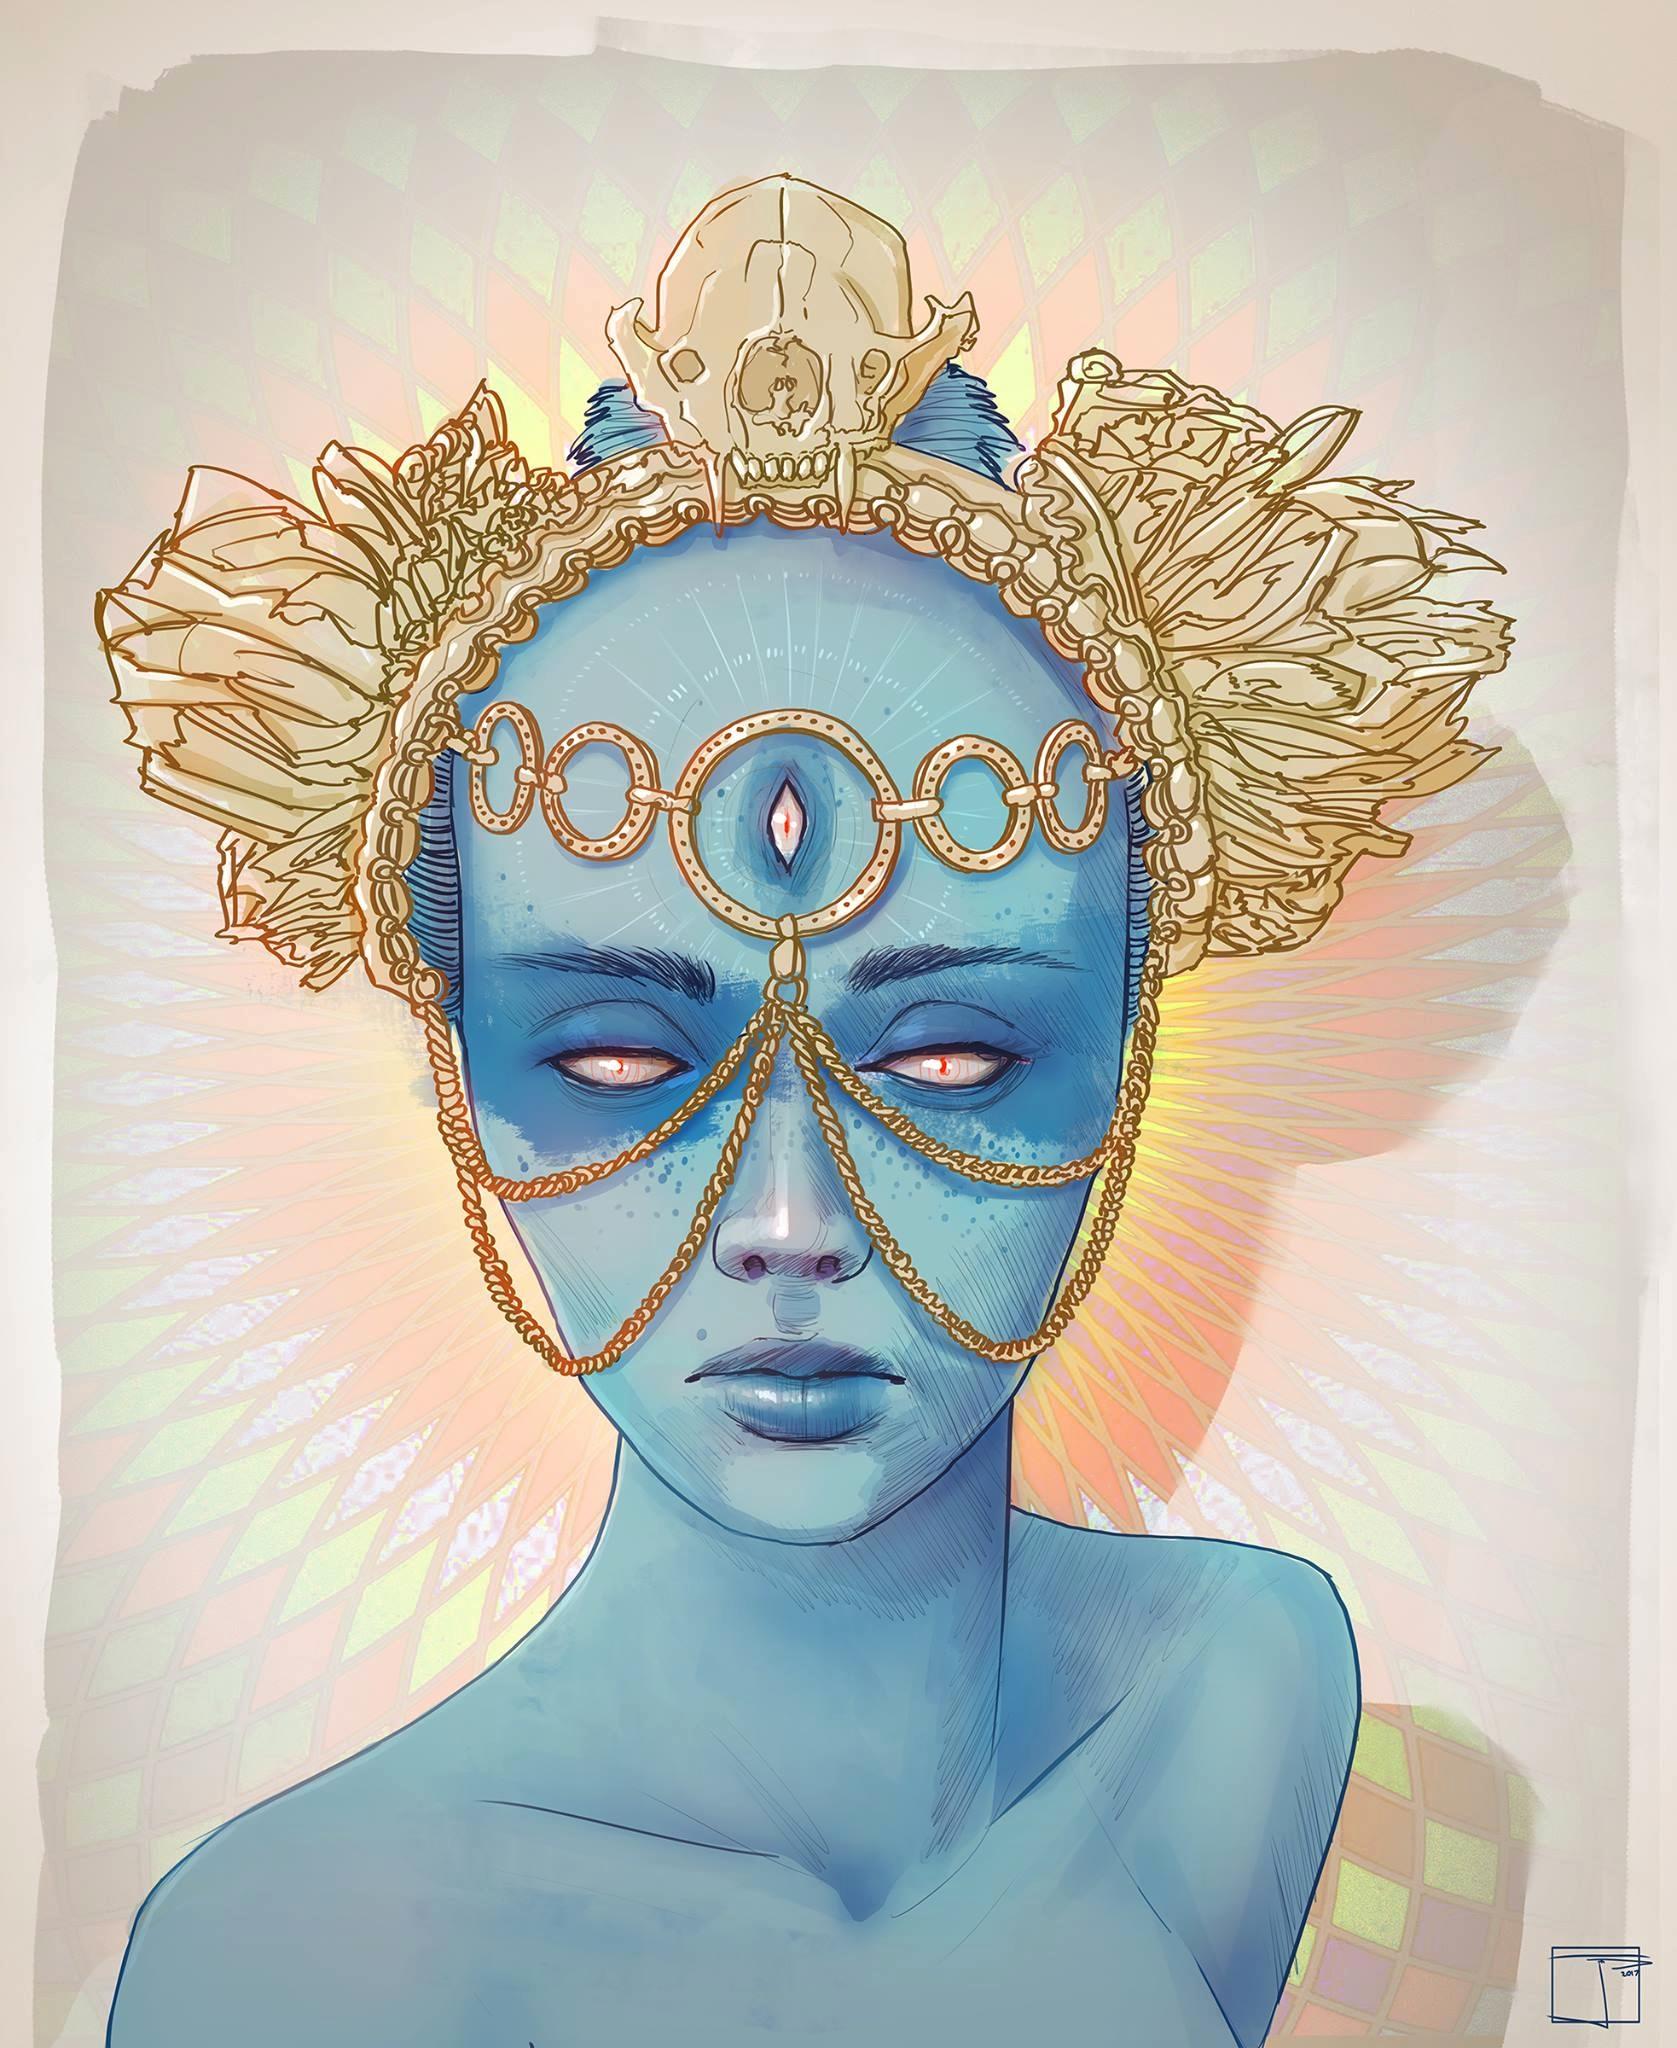 - Phazed - art, meditation, thirdeye - meditation | ello